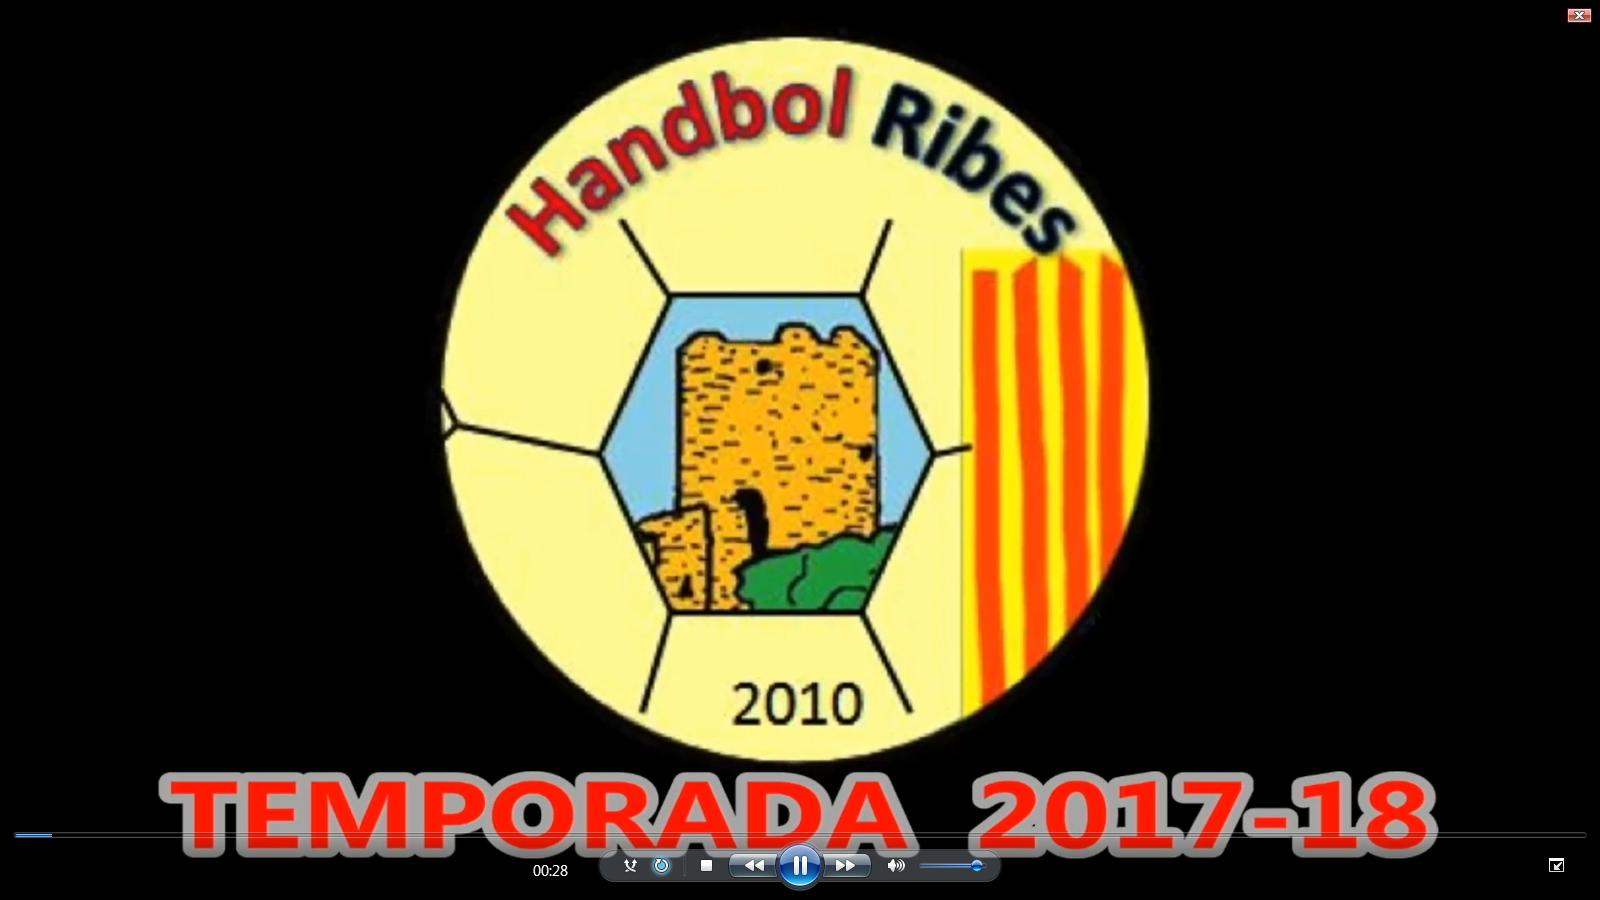 VIDEO TEMPORADA 2017-18